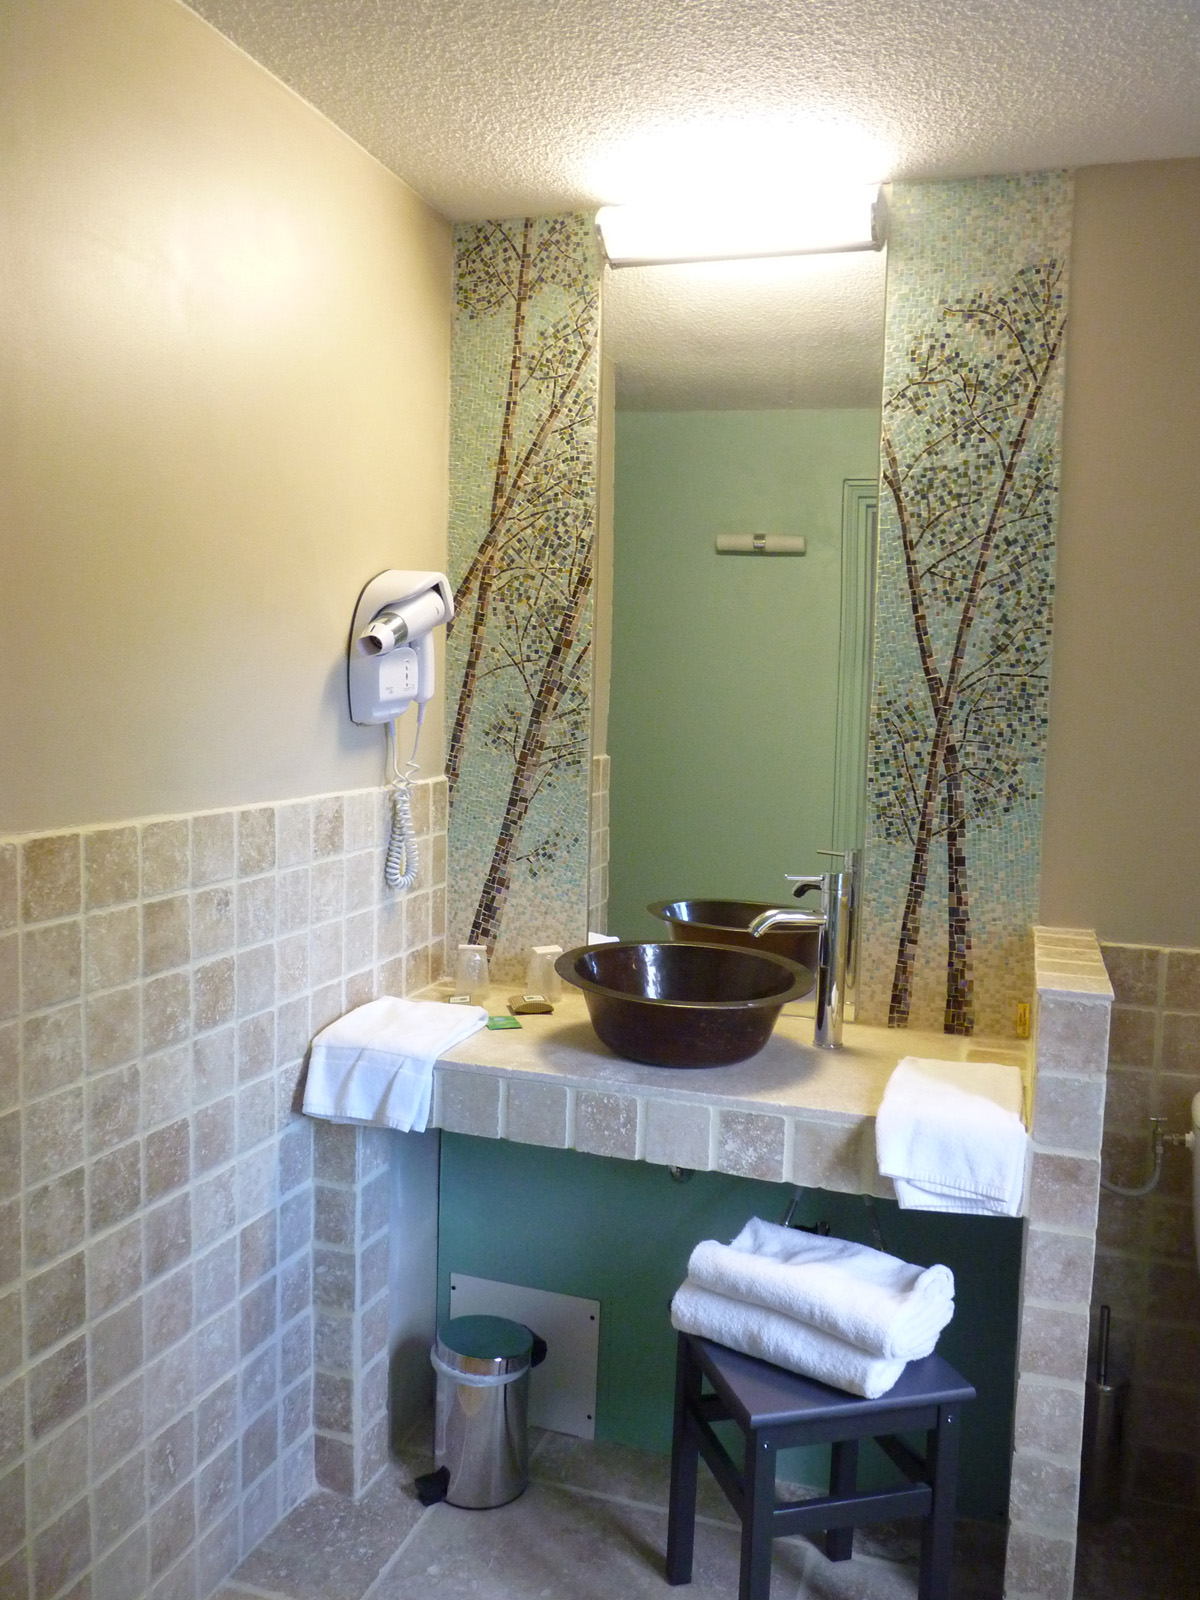 Salle de bain mosaique d cor salle de bain en mosa que for Salle de bain aix en provence